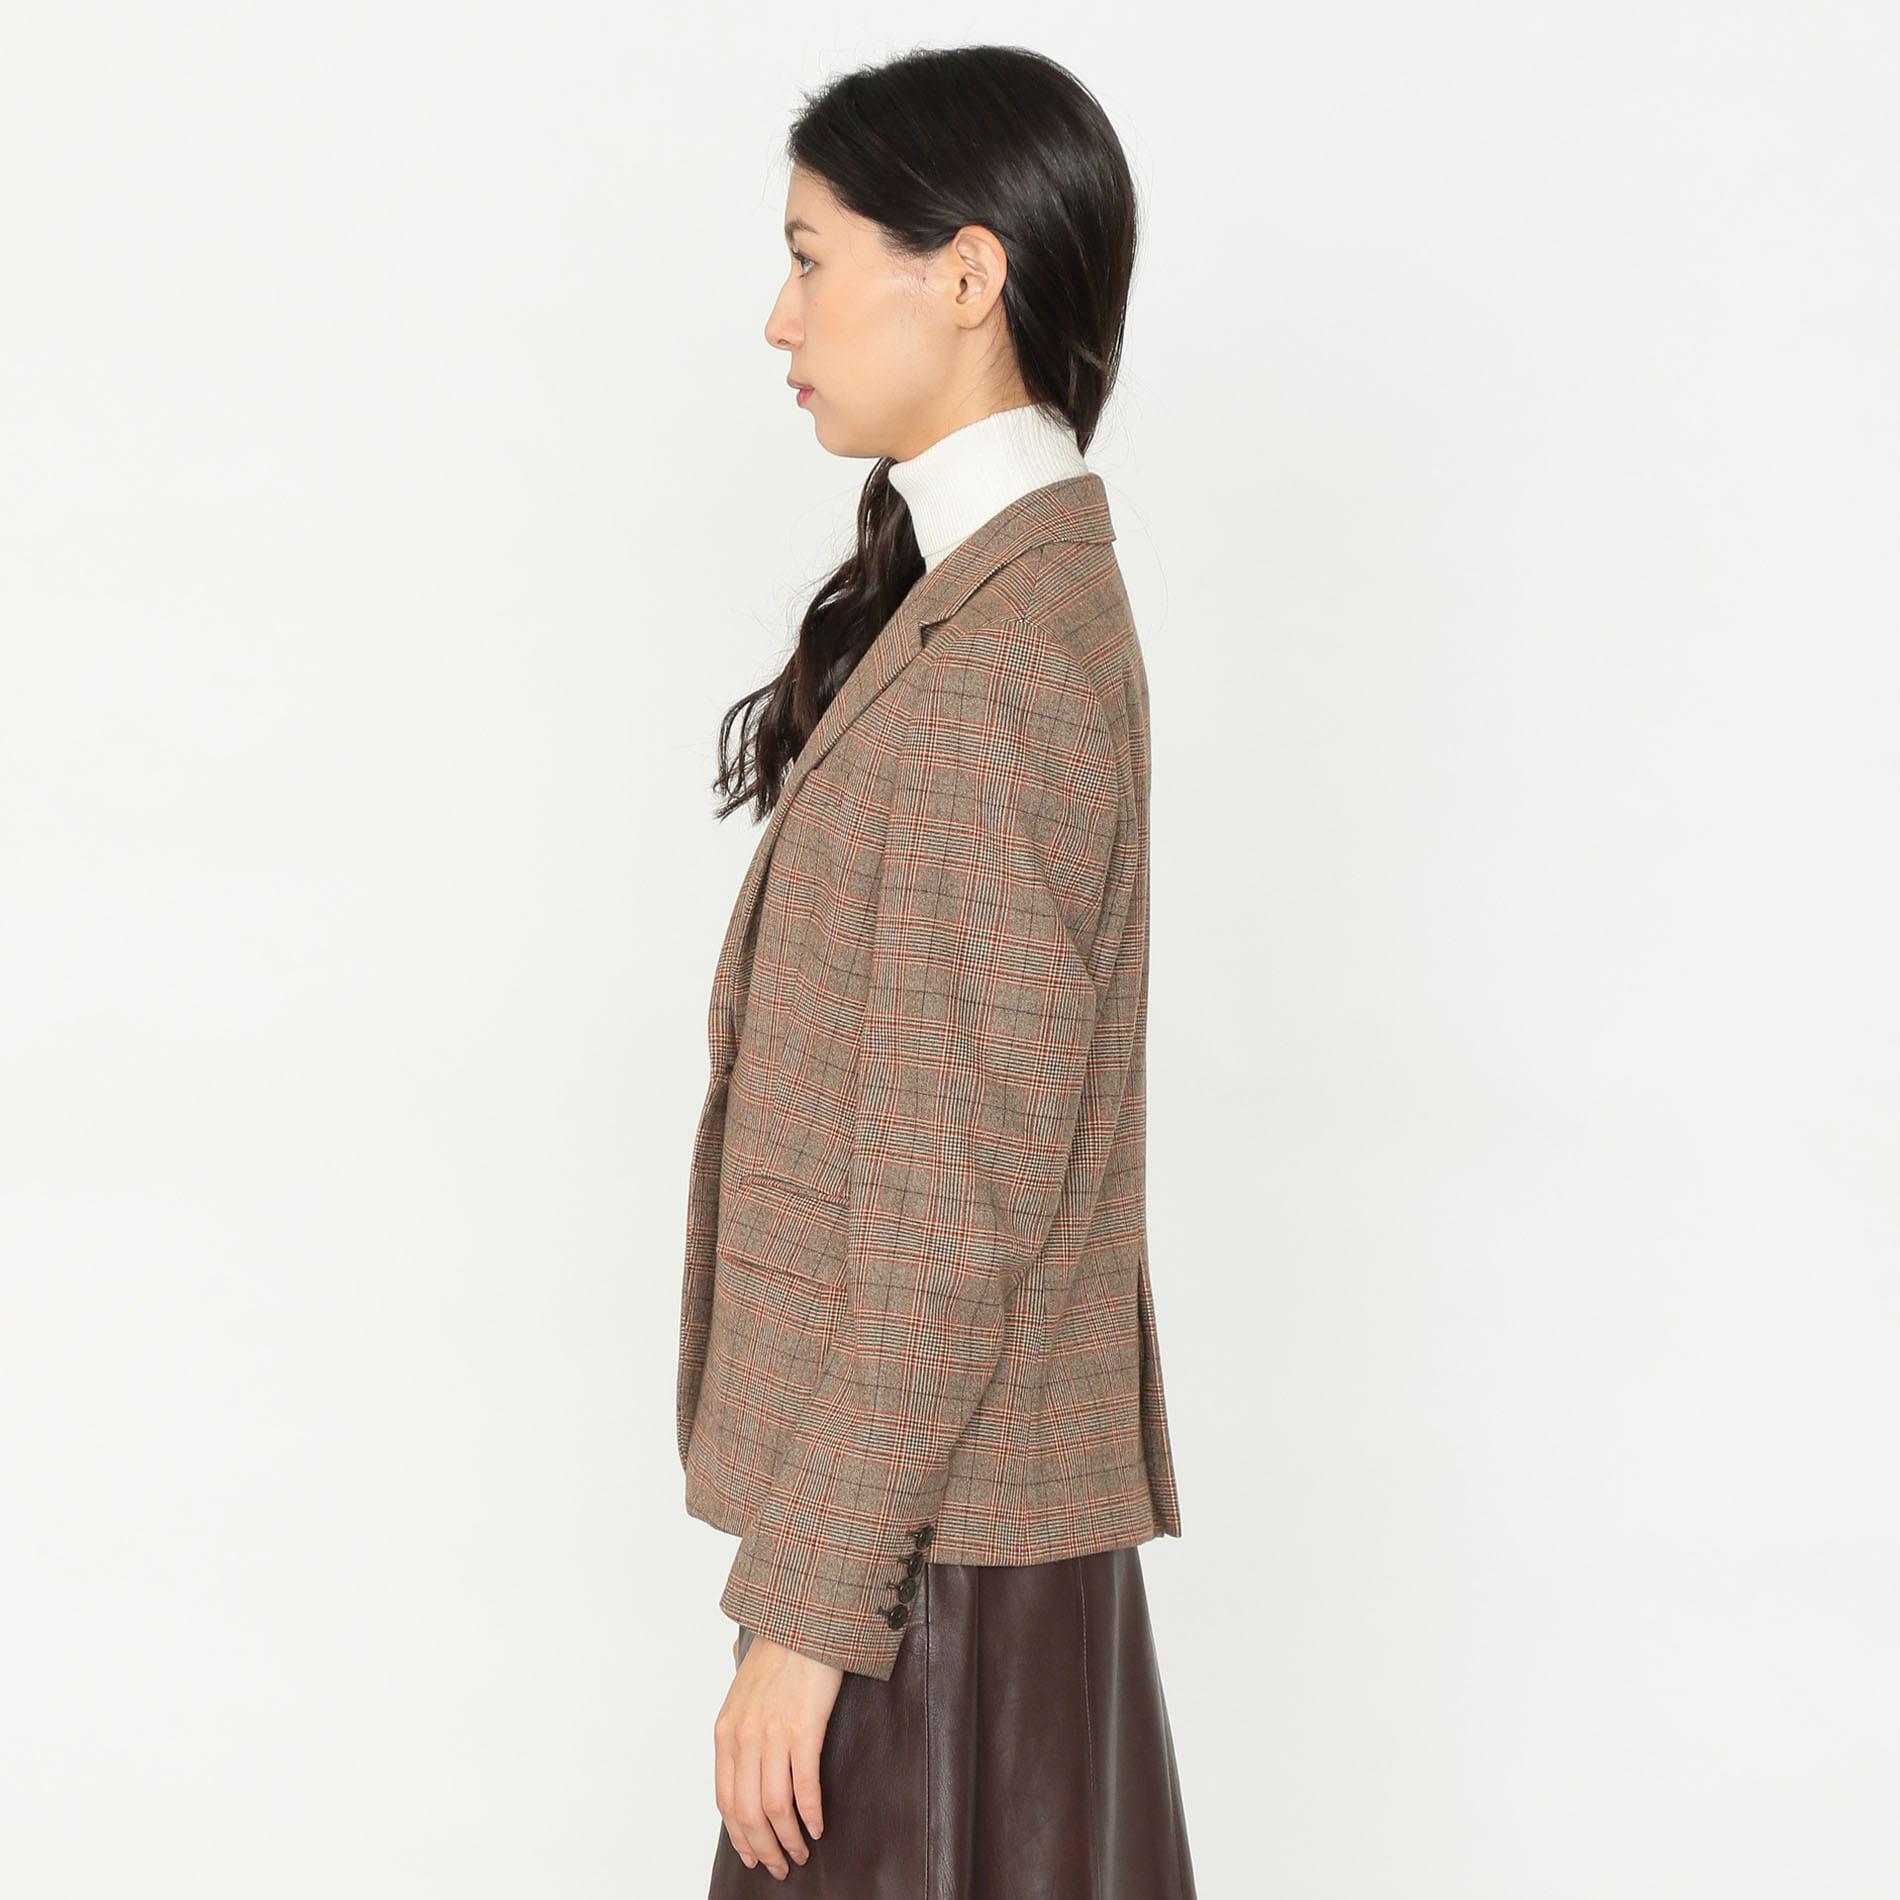 【otonaMUSE10月号掲載】オーバーチェック ジャケット